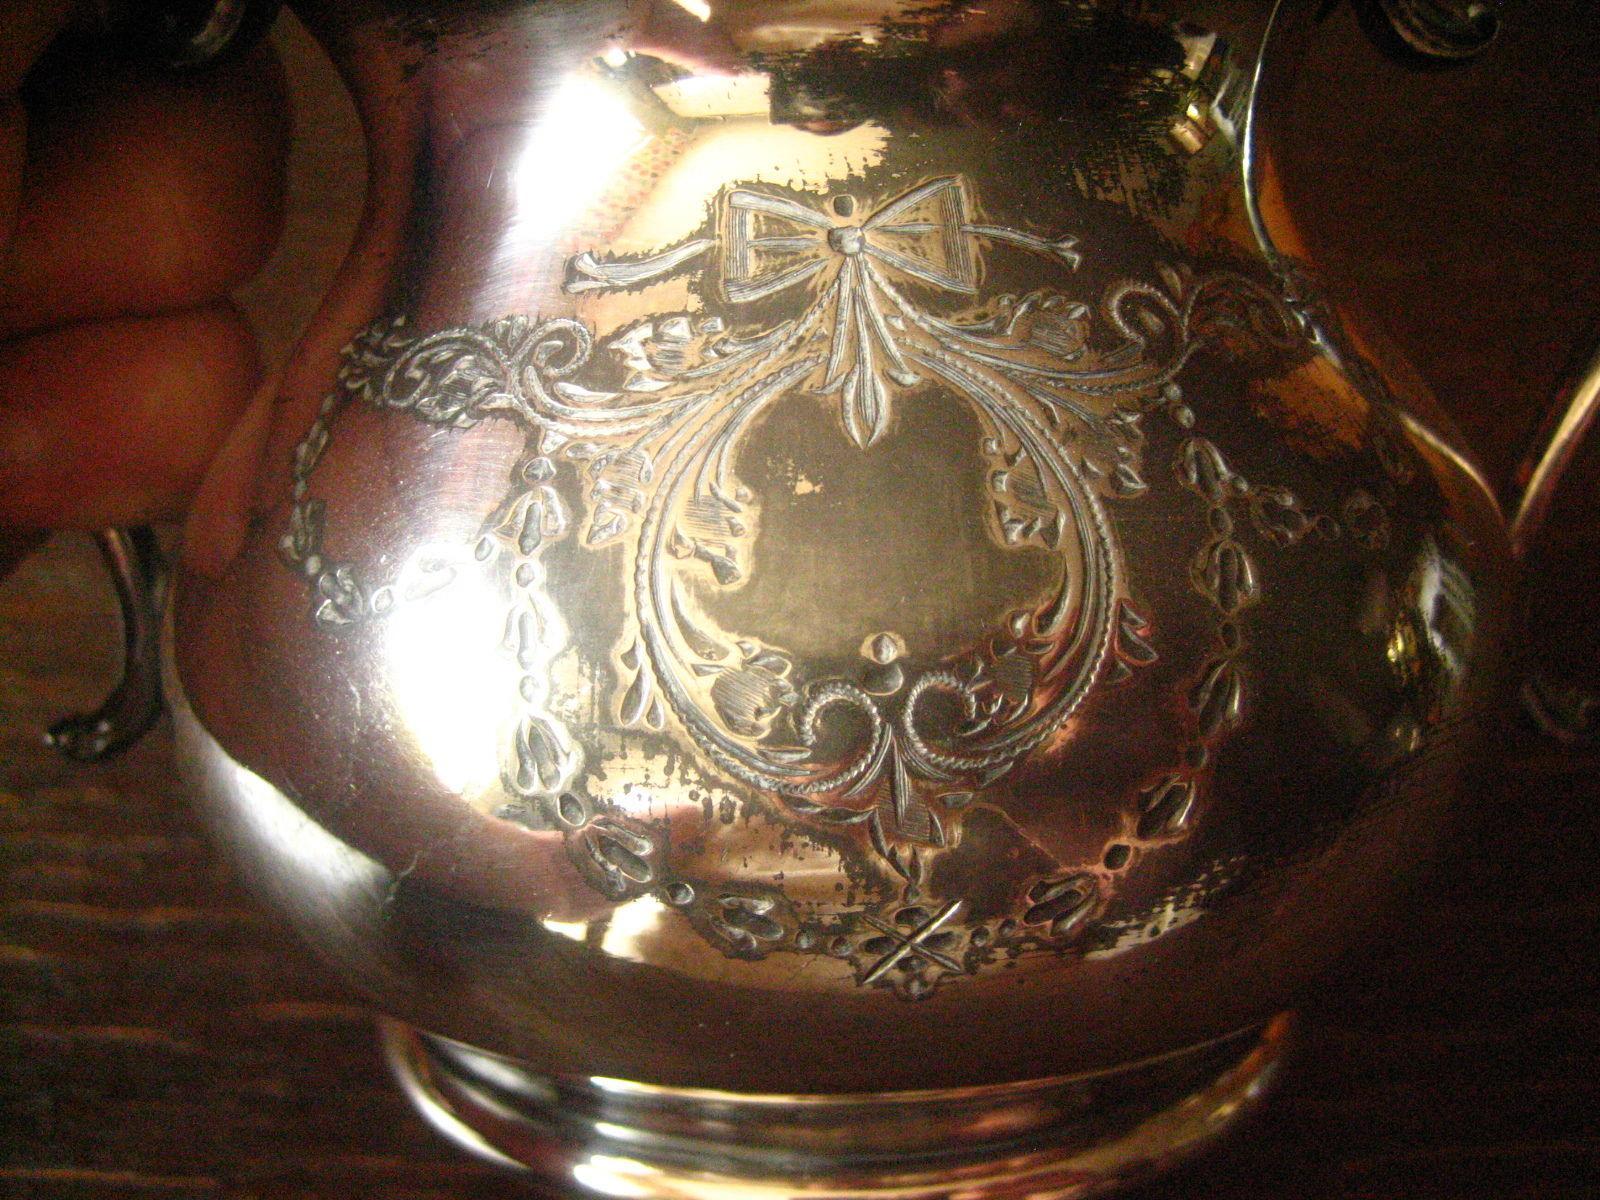 nostalgisches-antikes-milch---zucker-set-silber-pl-sheffield-reich-graviert-epns Verwunderlich Reich Werden Mit Silber Dekorationen